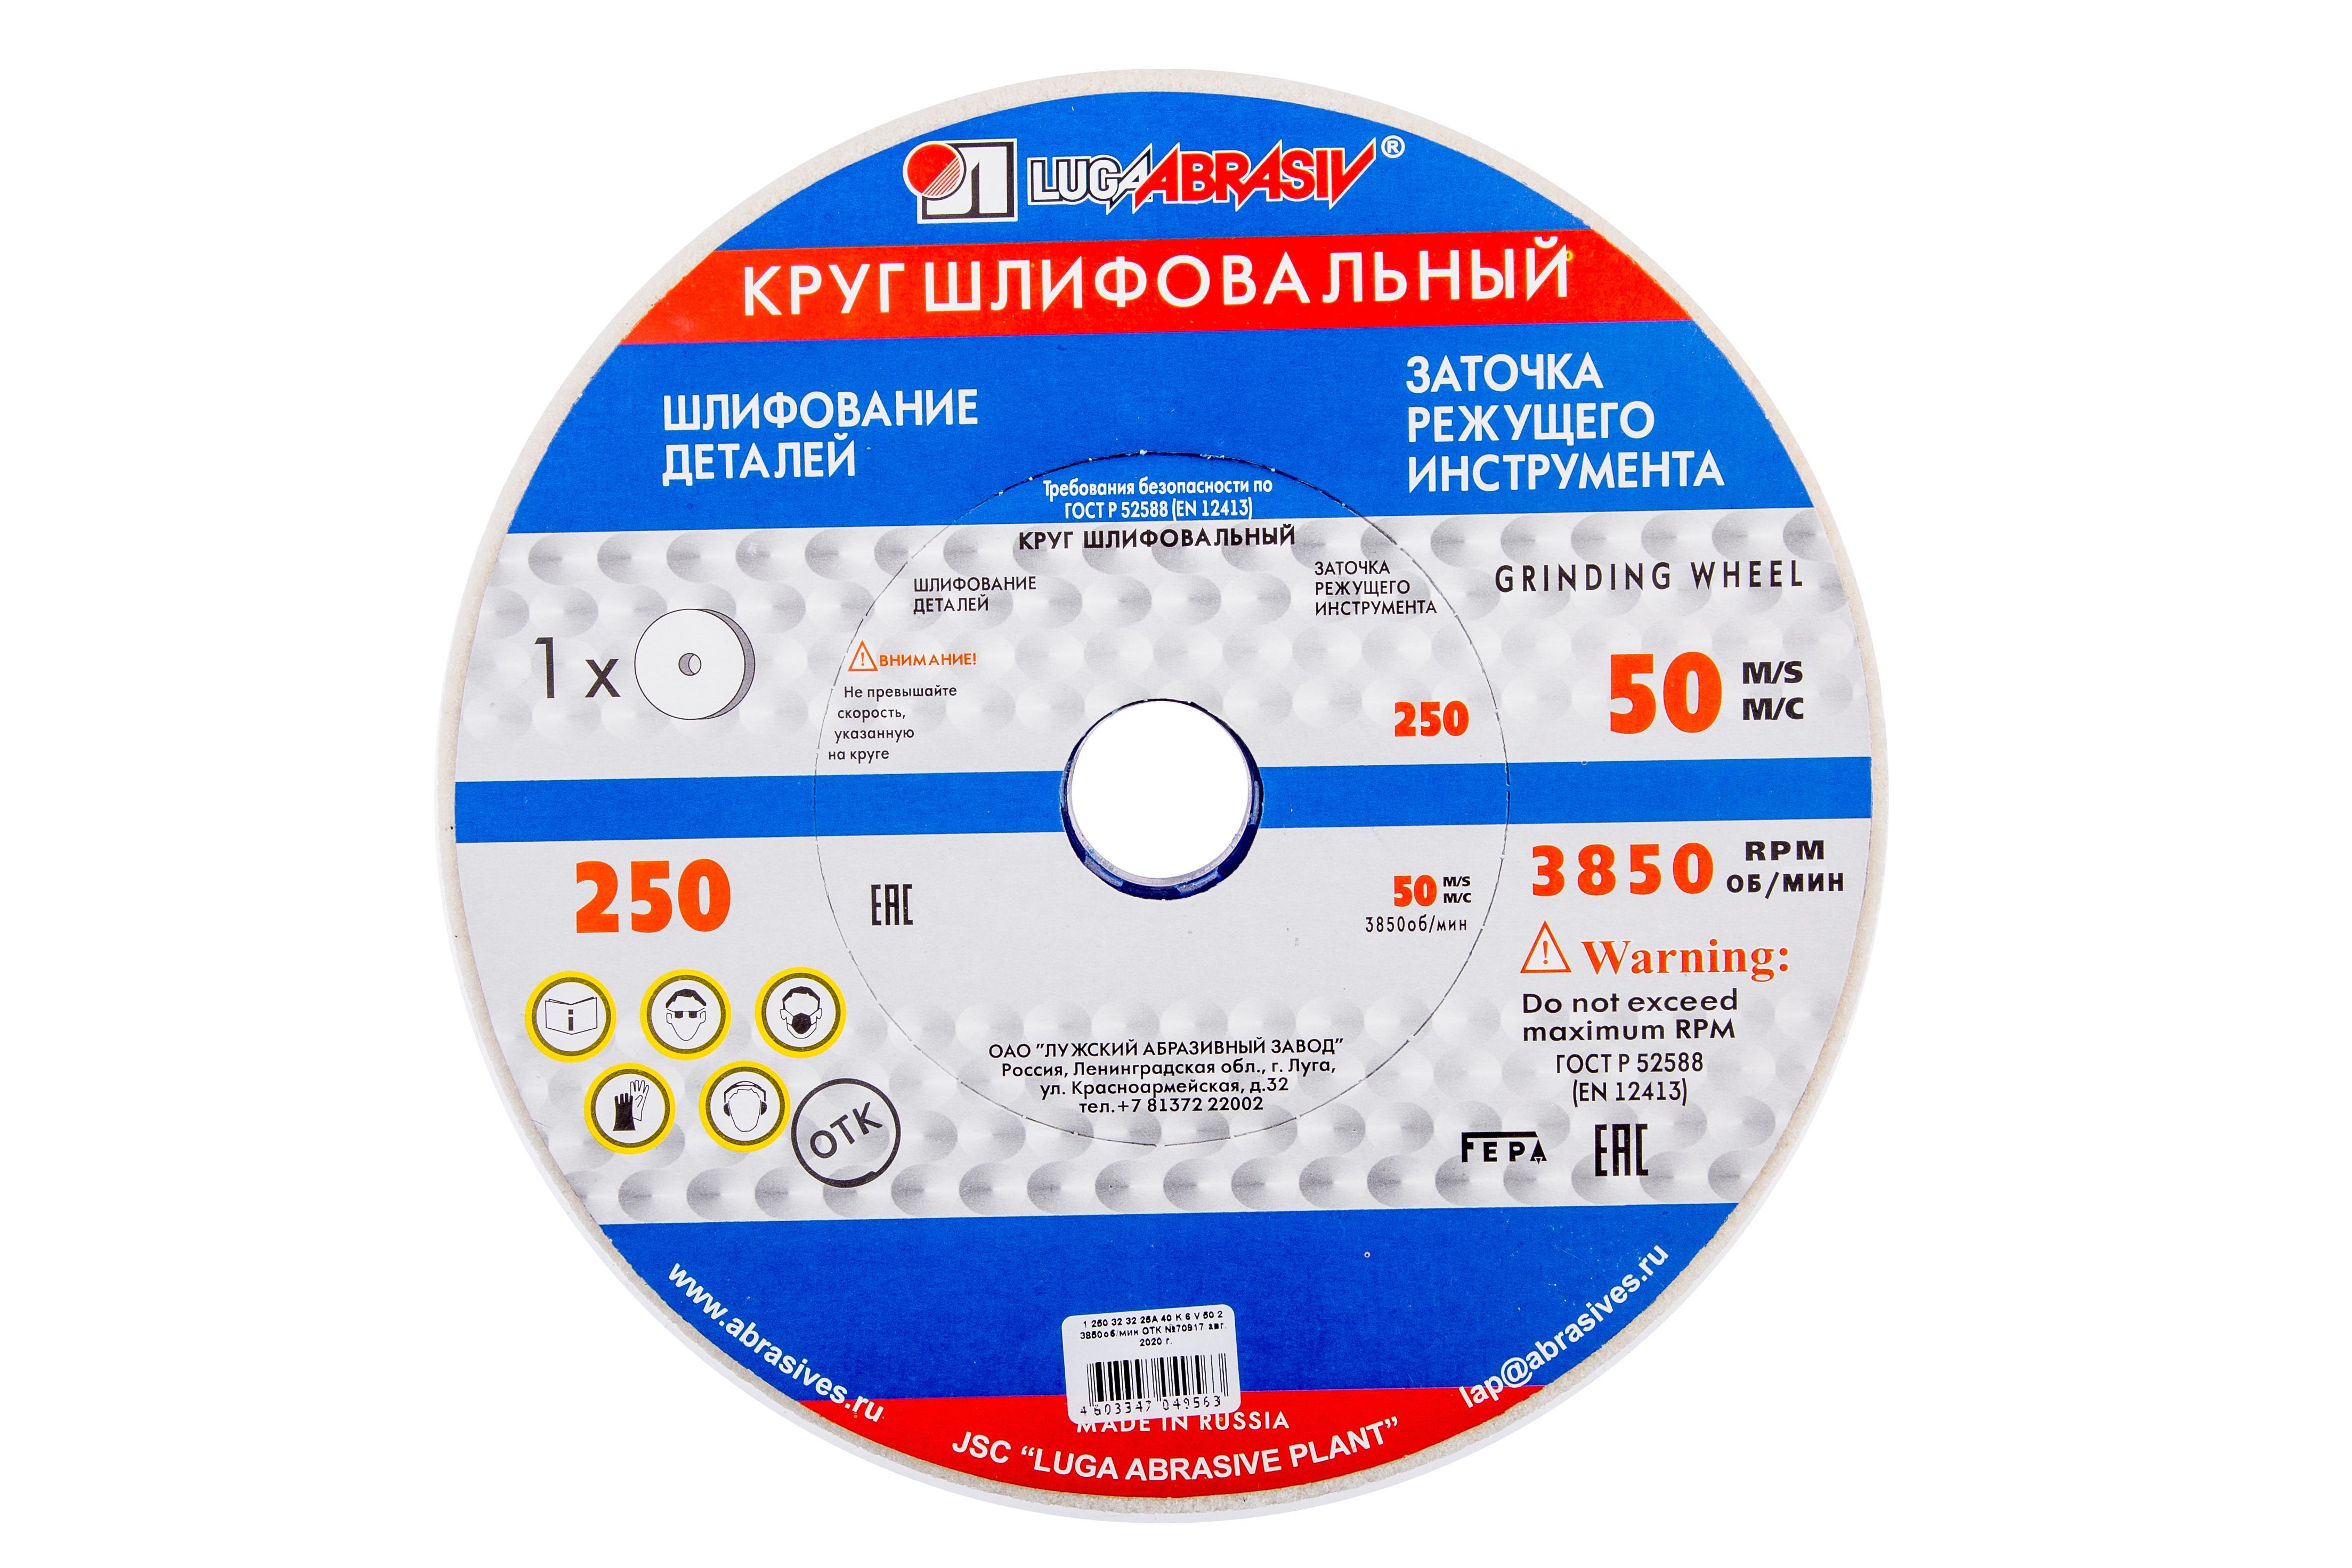 Круг шлифовальный ЛУГА-АБРАЗИВ 1 250 Х 32 Х 32 25А 40 k,l круг шлифовальный луга абразив 1 250 х 20 х 32 25а 40 k l